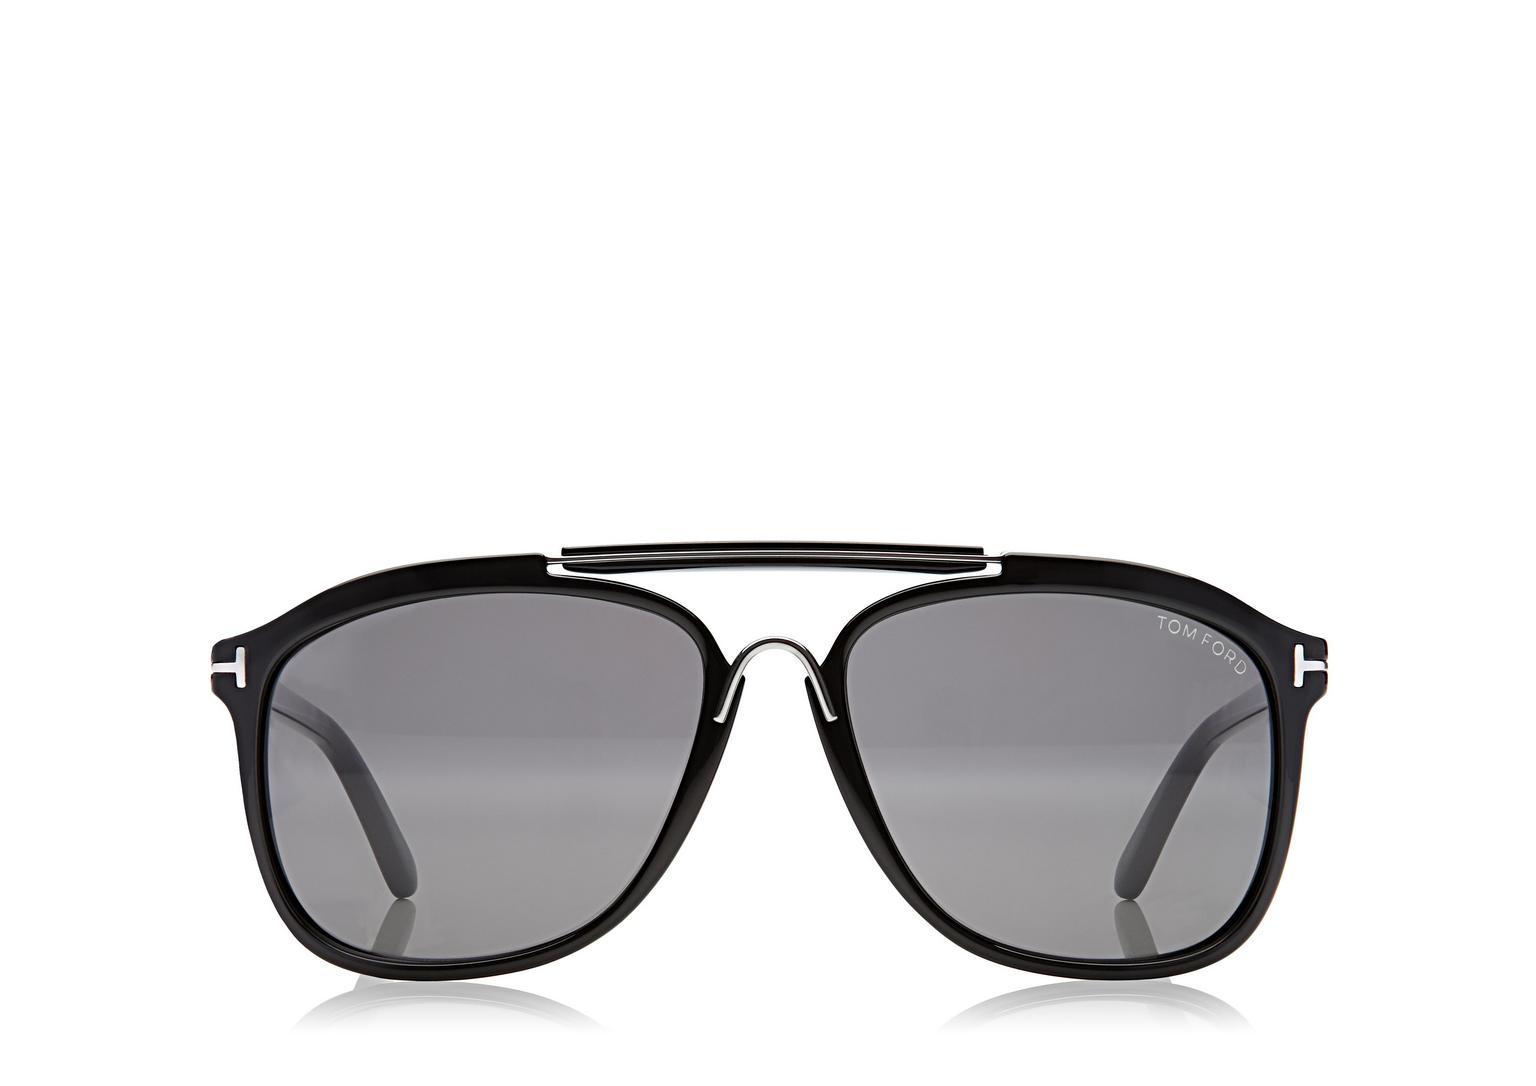 c3fa0f0ff809 Tom Ford Sunglasses www.isefac-alternance.fr